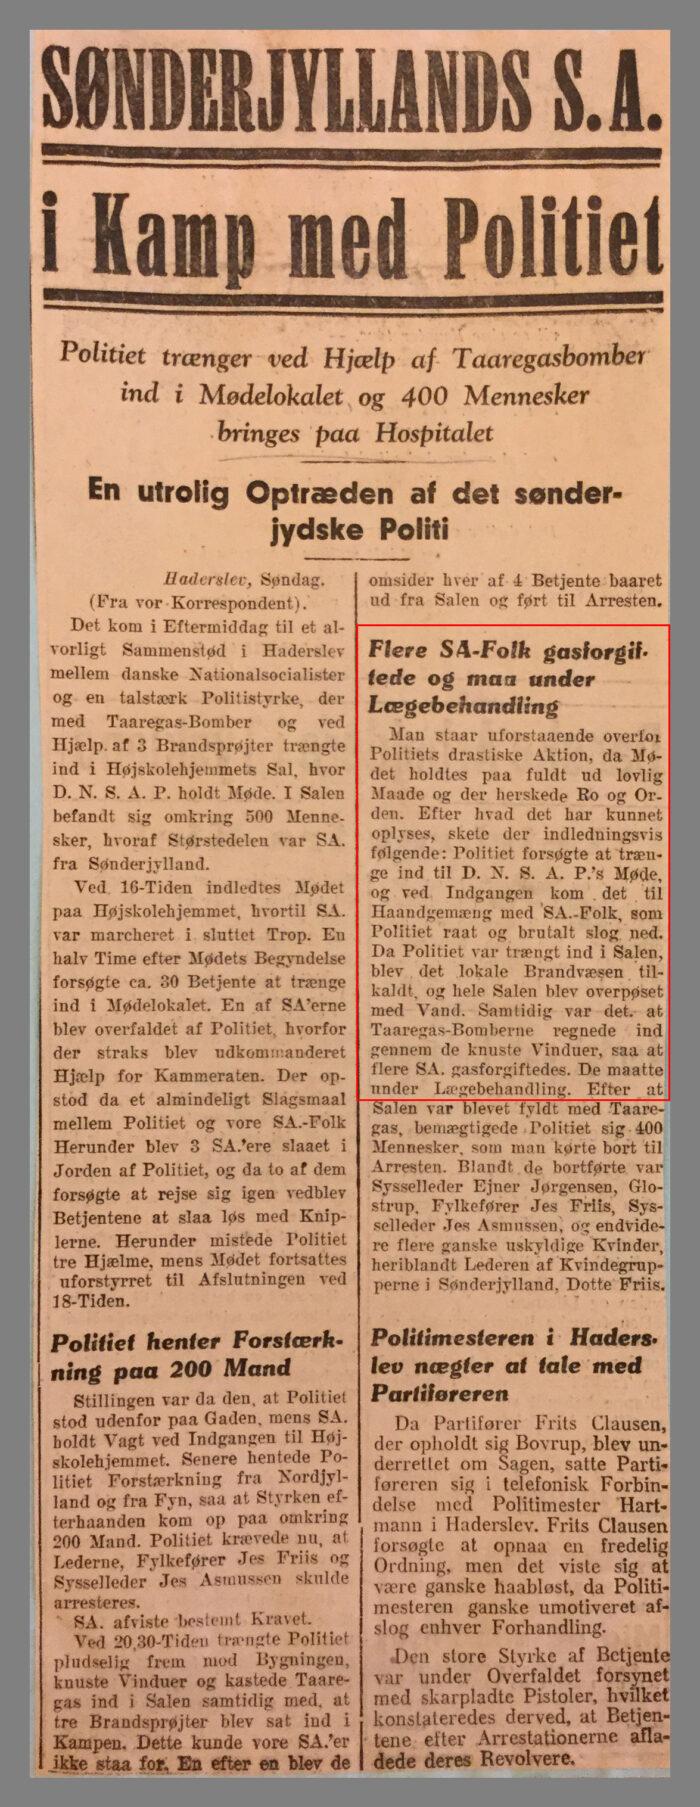 """Avisartikel fra avisen Fædrelandet med titel """"Sønderjyllands S.A. i Kamp med Politiet"""""""